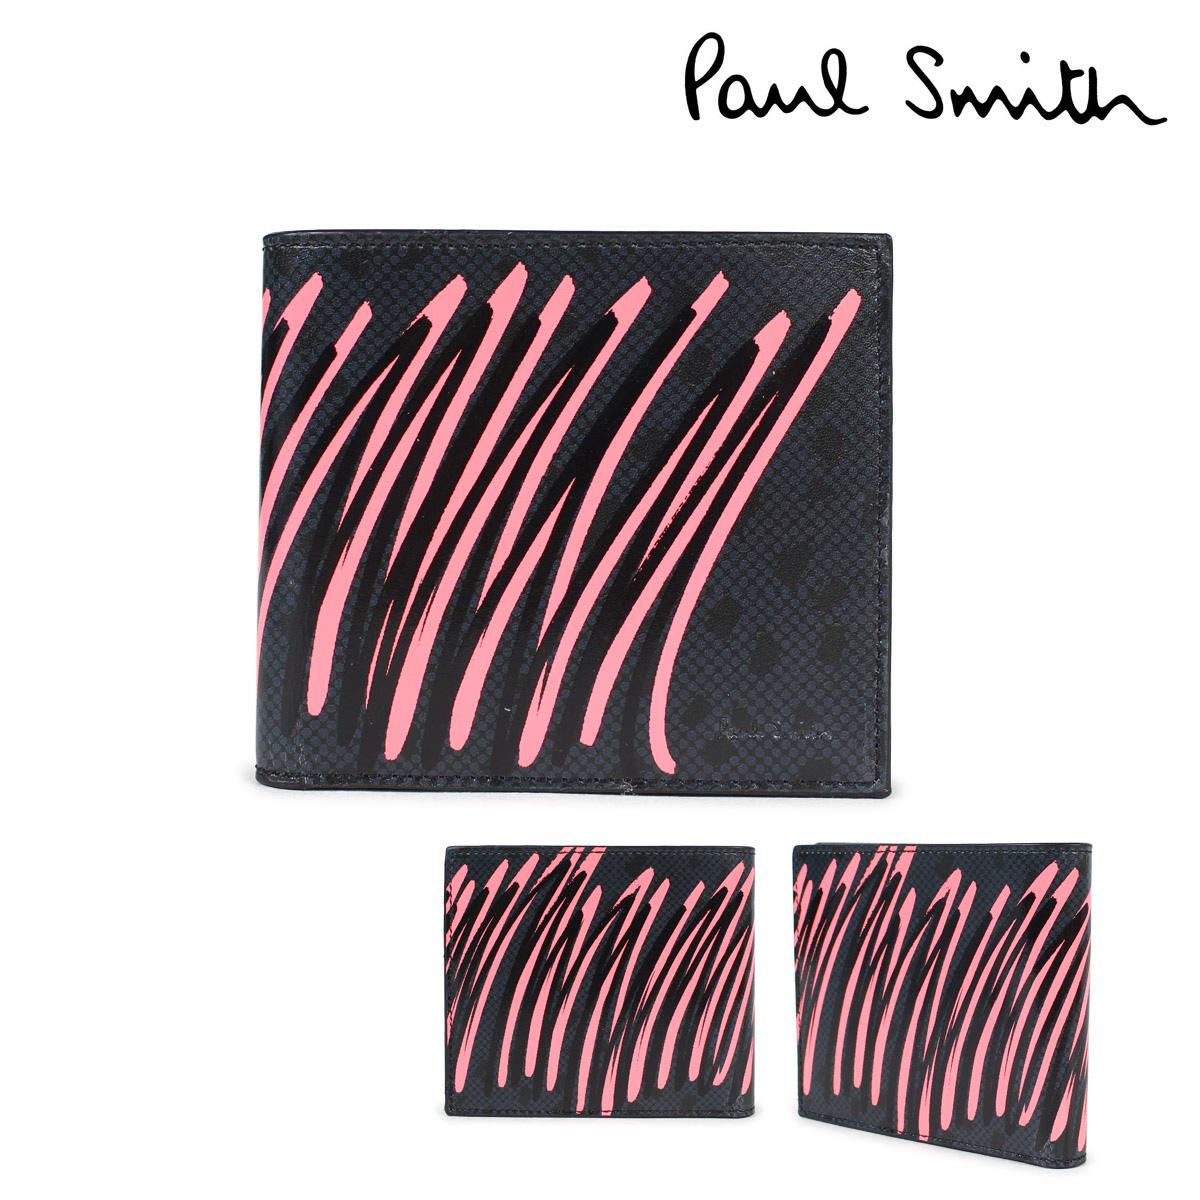 【同梱不可】 Paul Smith 財布 Smith レディース 二つ折り ポールスミス Paul 本革 ラウンドファスナー WALLET SMART WALLET ブラック 4832, 大和の駄菓子屋:3cae02aa --- canoncity.azurewebsites.net